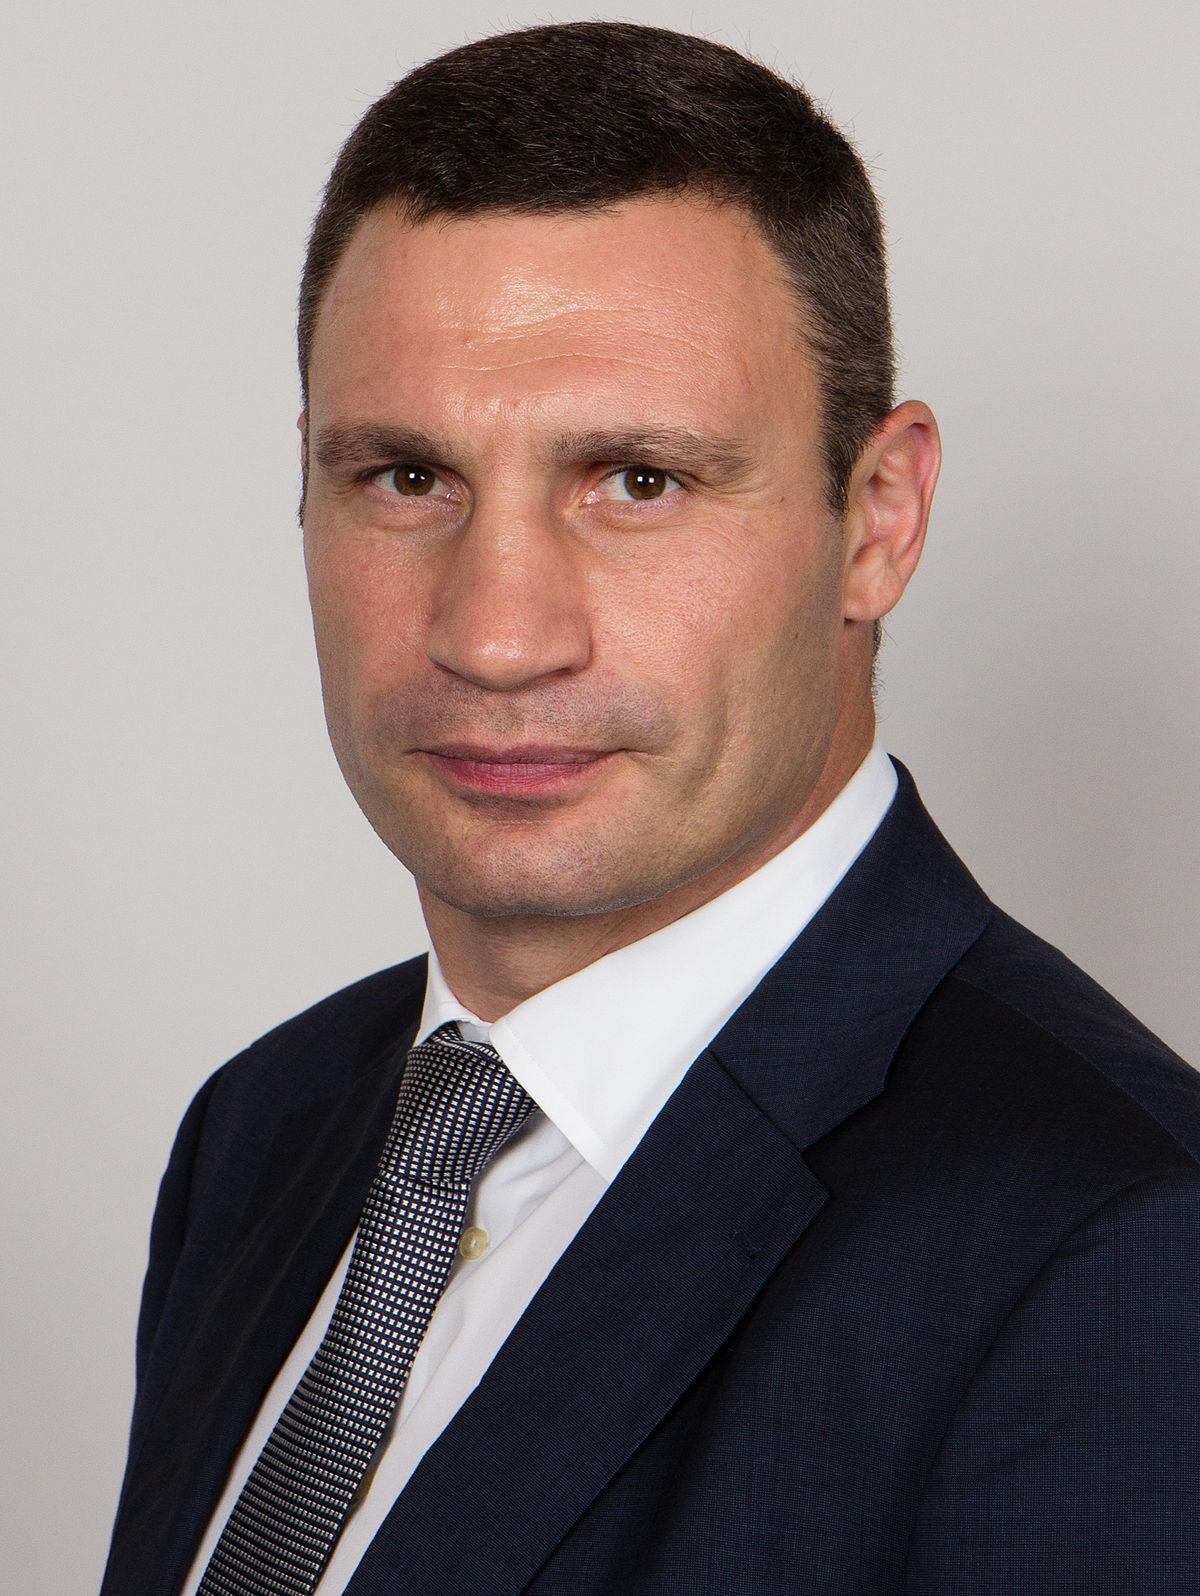 Klitschlo